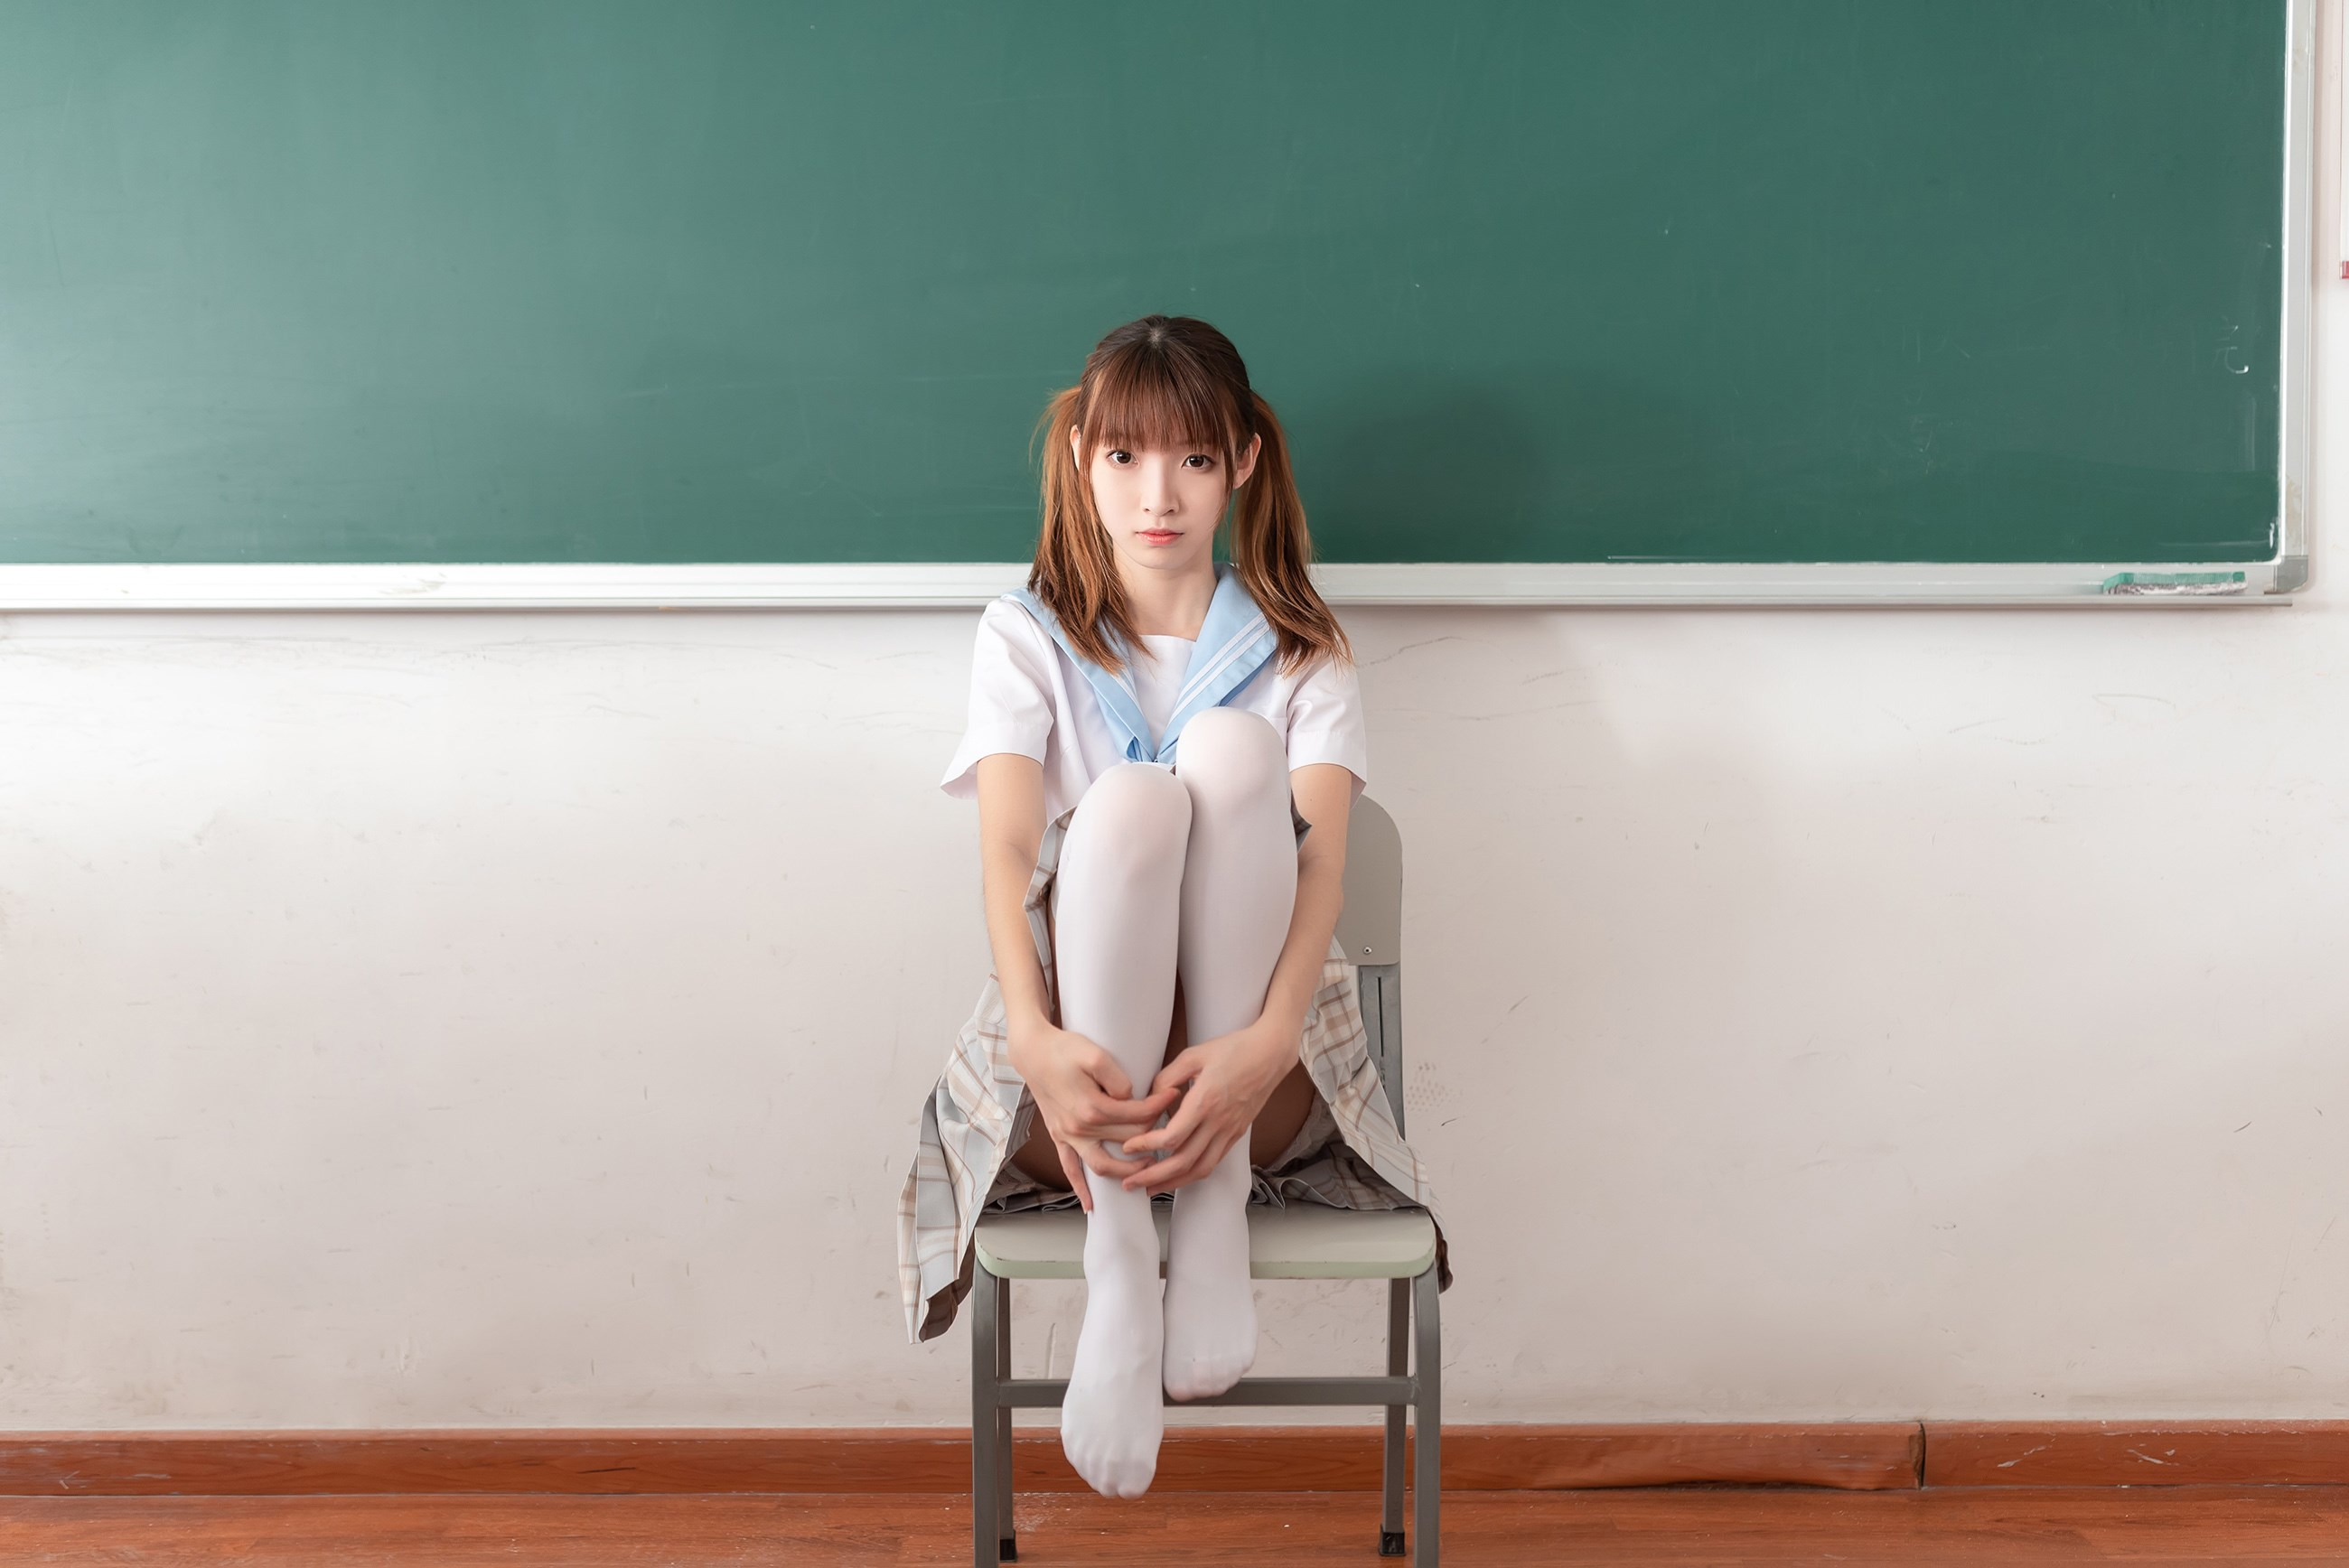 【兔玩映画】不要躺在课桌上 兔玩映画 第12张